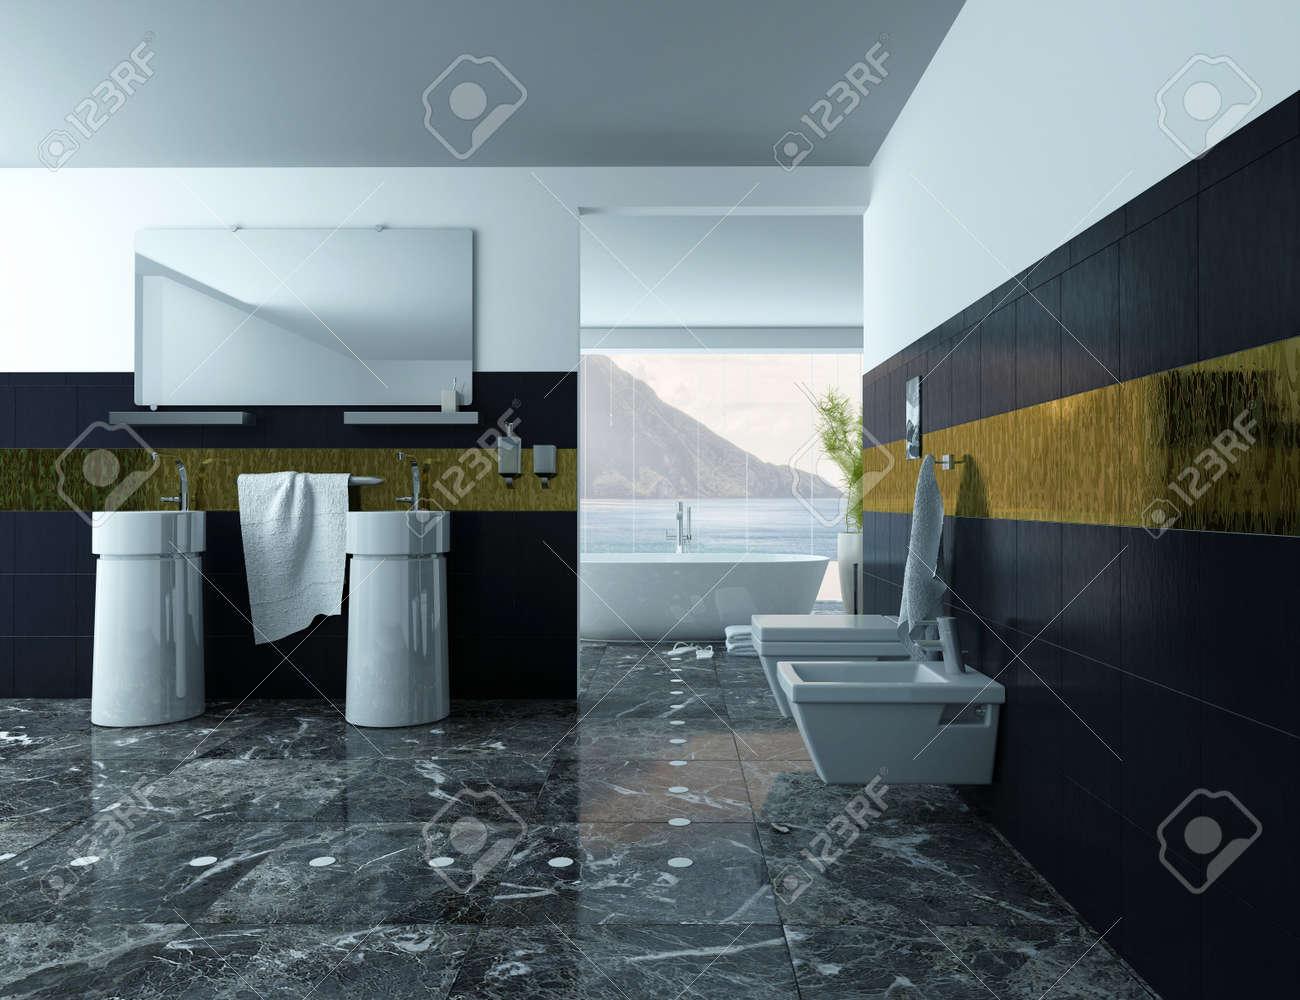 pavimento bagno antracite: gpv968 antracite u2022 cromie di piemme ... - Piastrelle Bagno Jolie